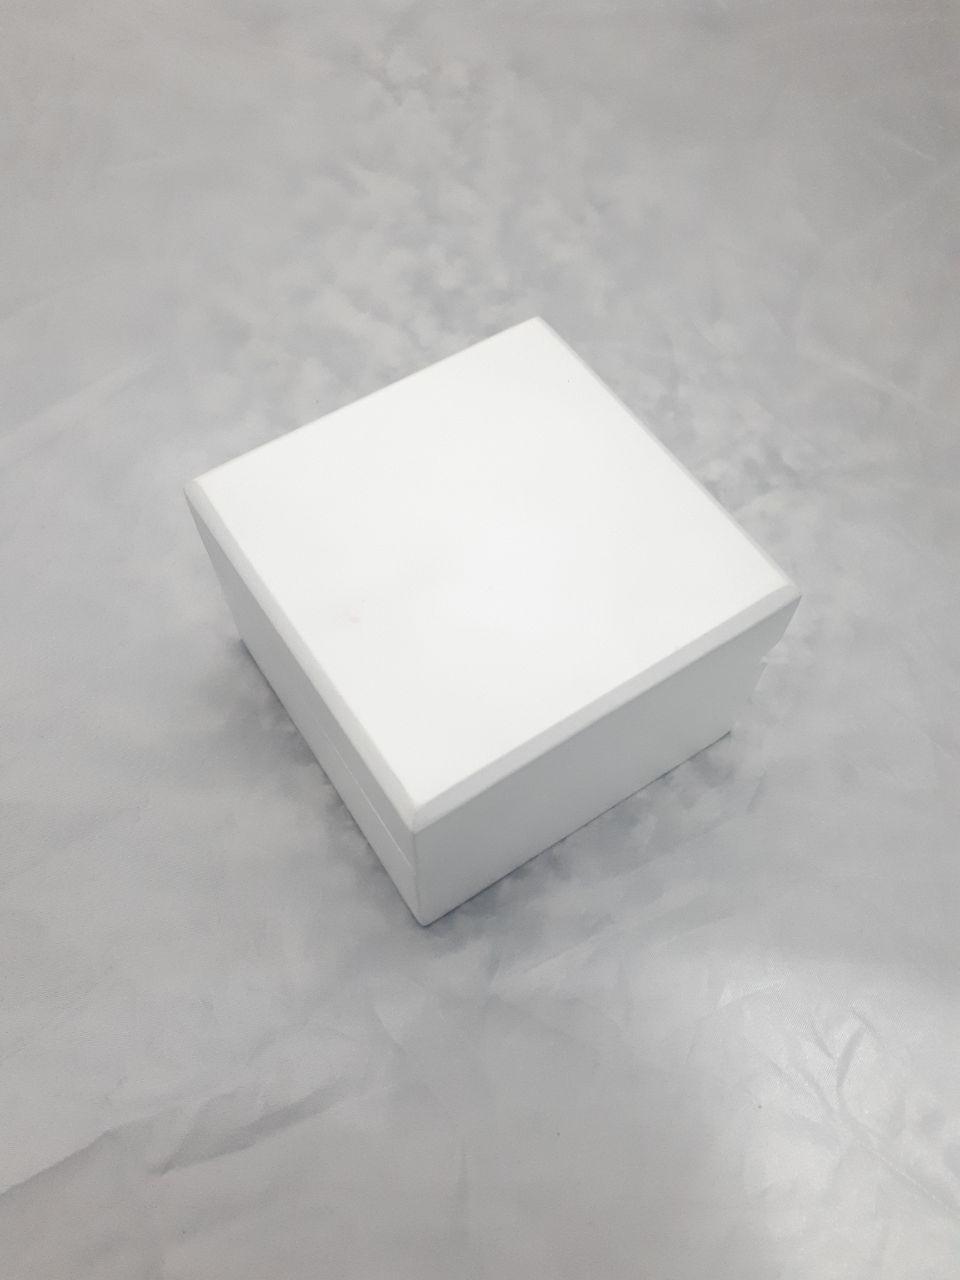 جعبه ساعت مچی بدون مارک سفید